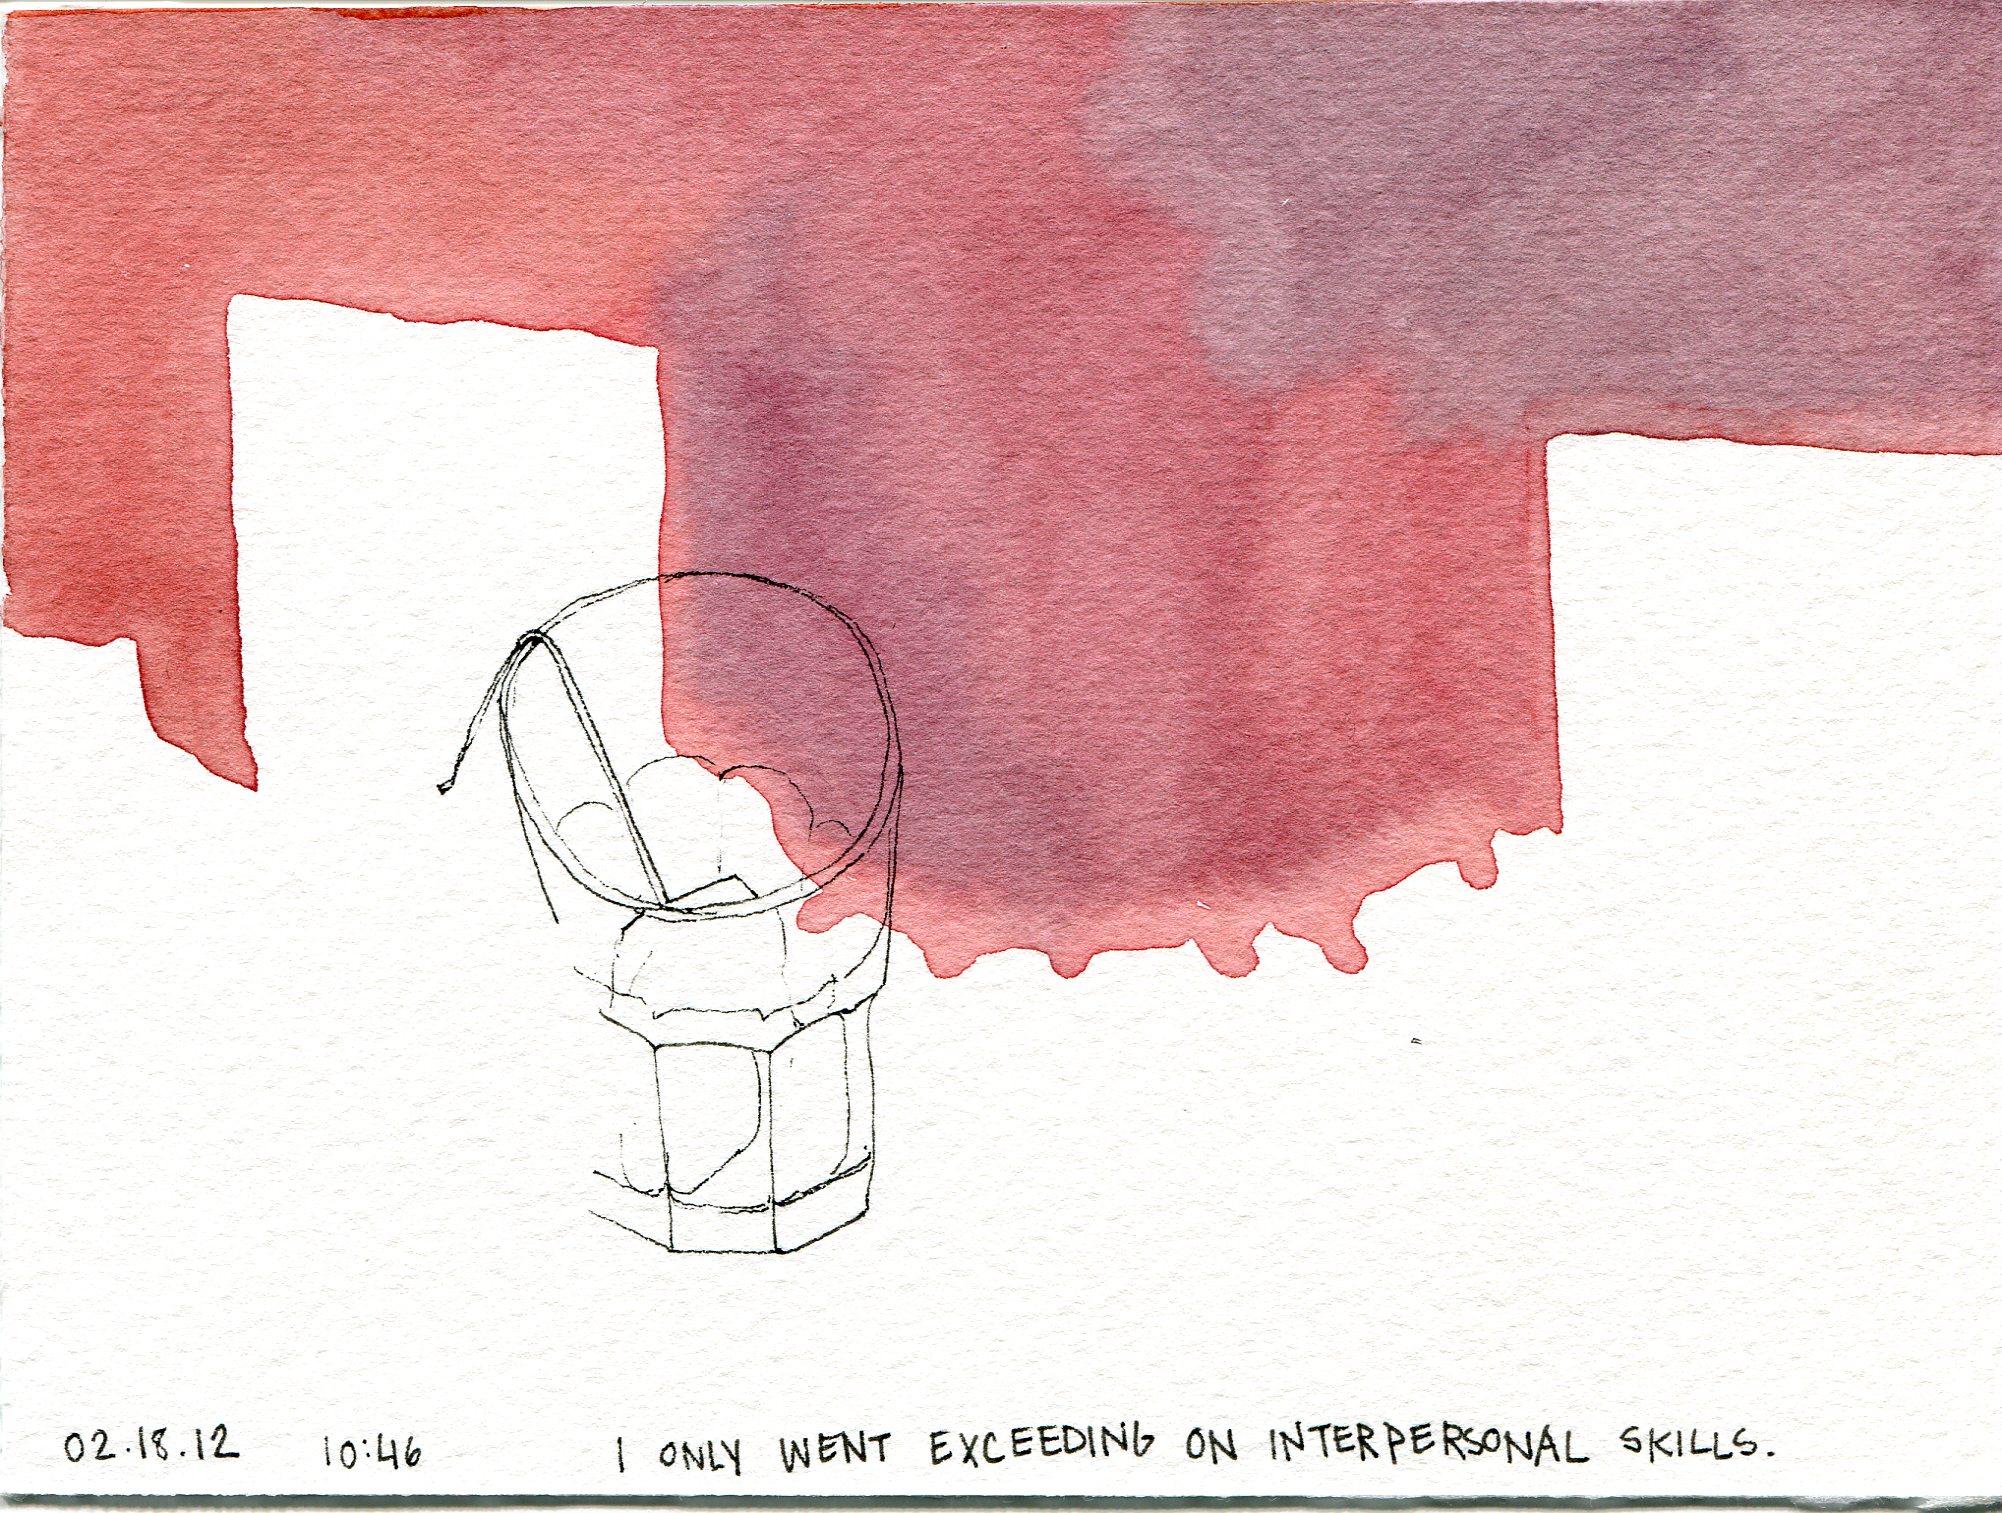 2012-02-25 drawings001.jpg